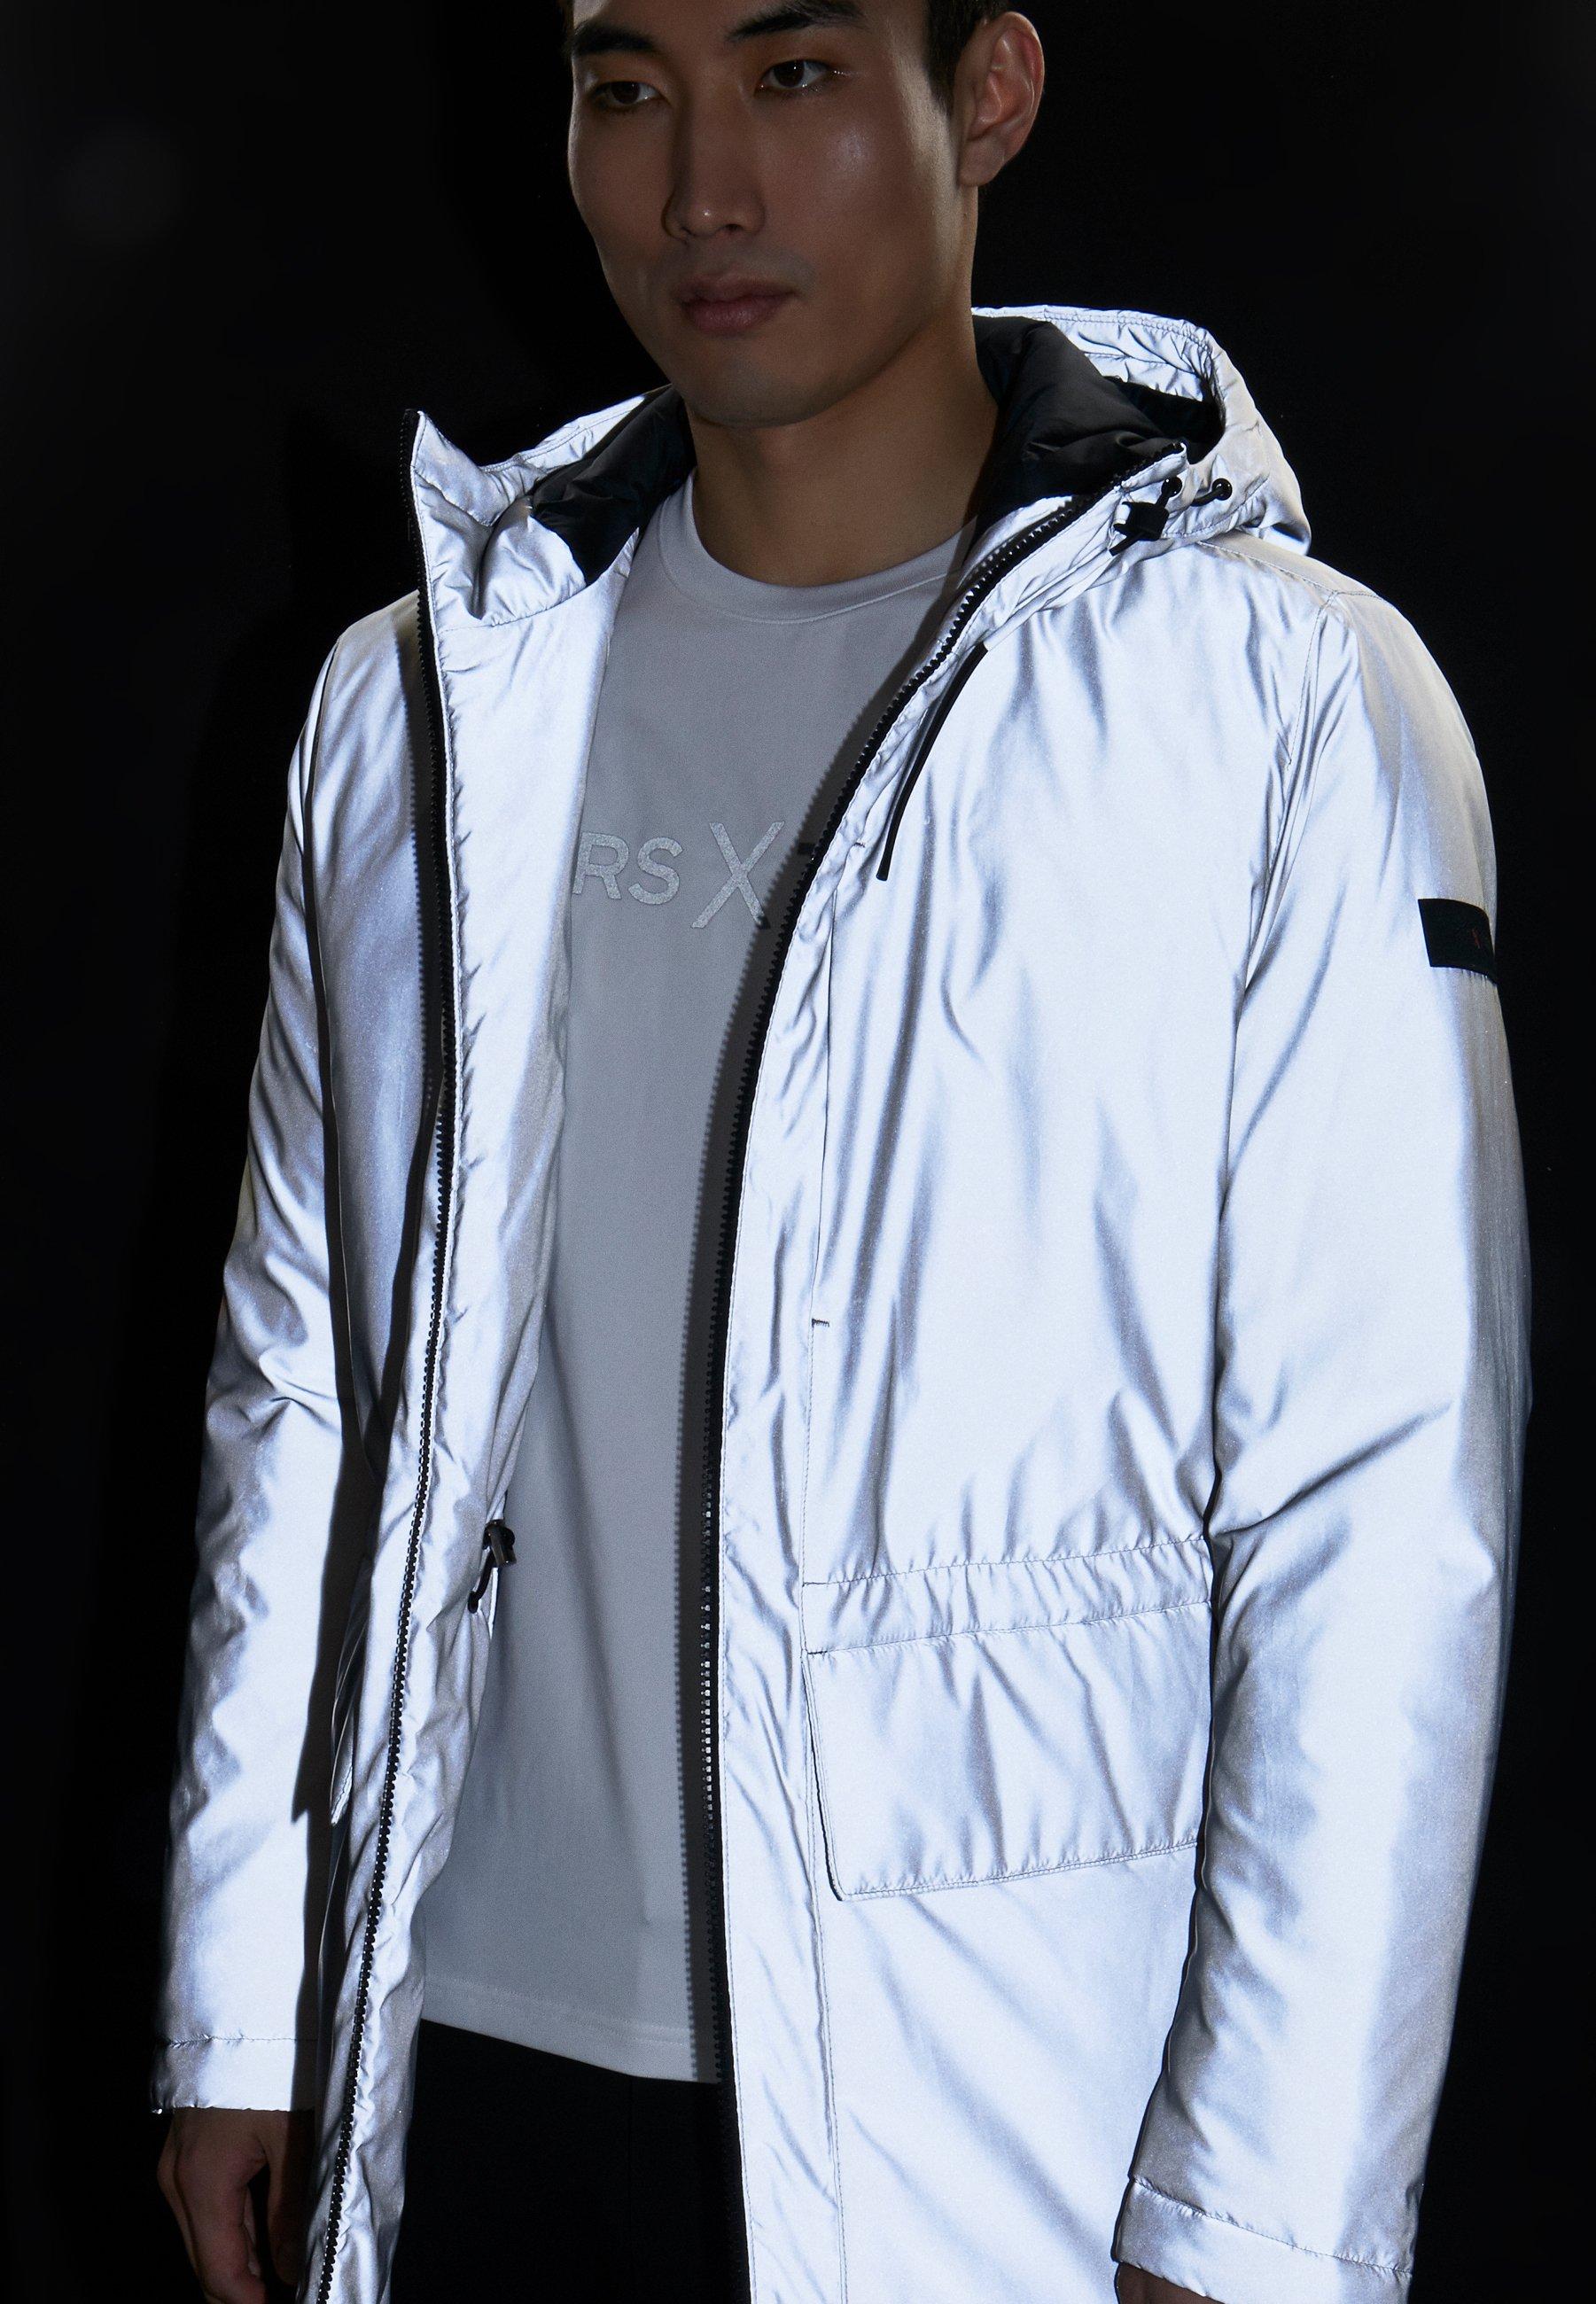 Michael Kors X Tech Reflective - Parka Silver iBZMF